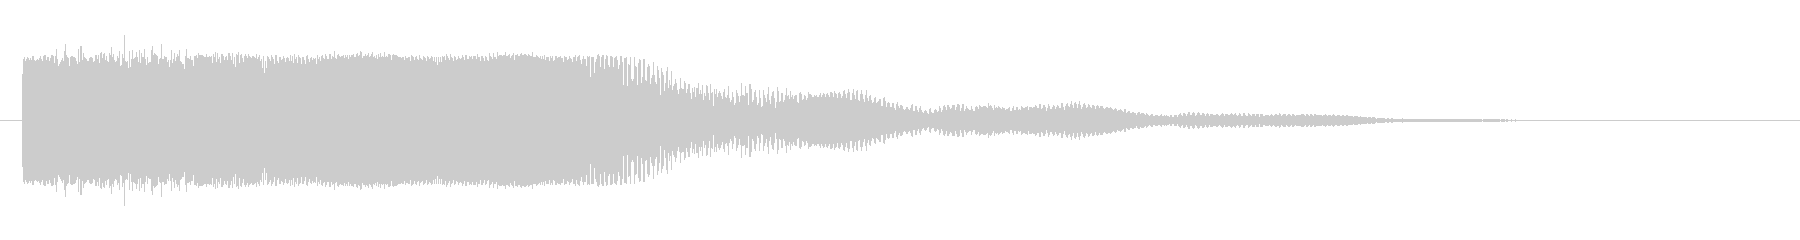 ロングテール付きメタリックインパク...の未再生の波形